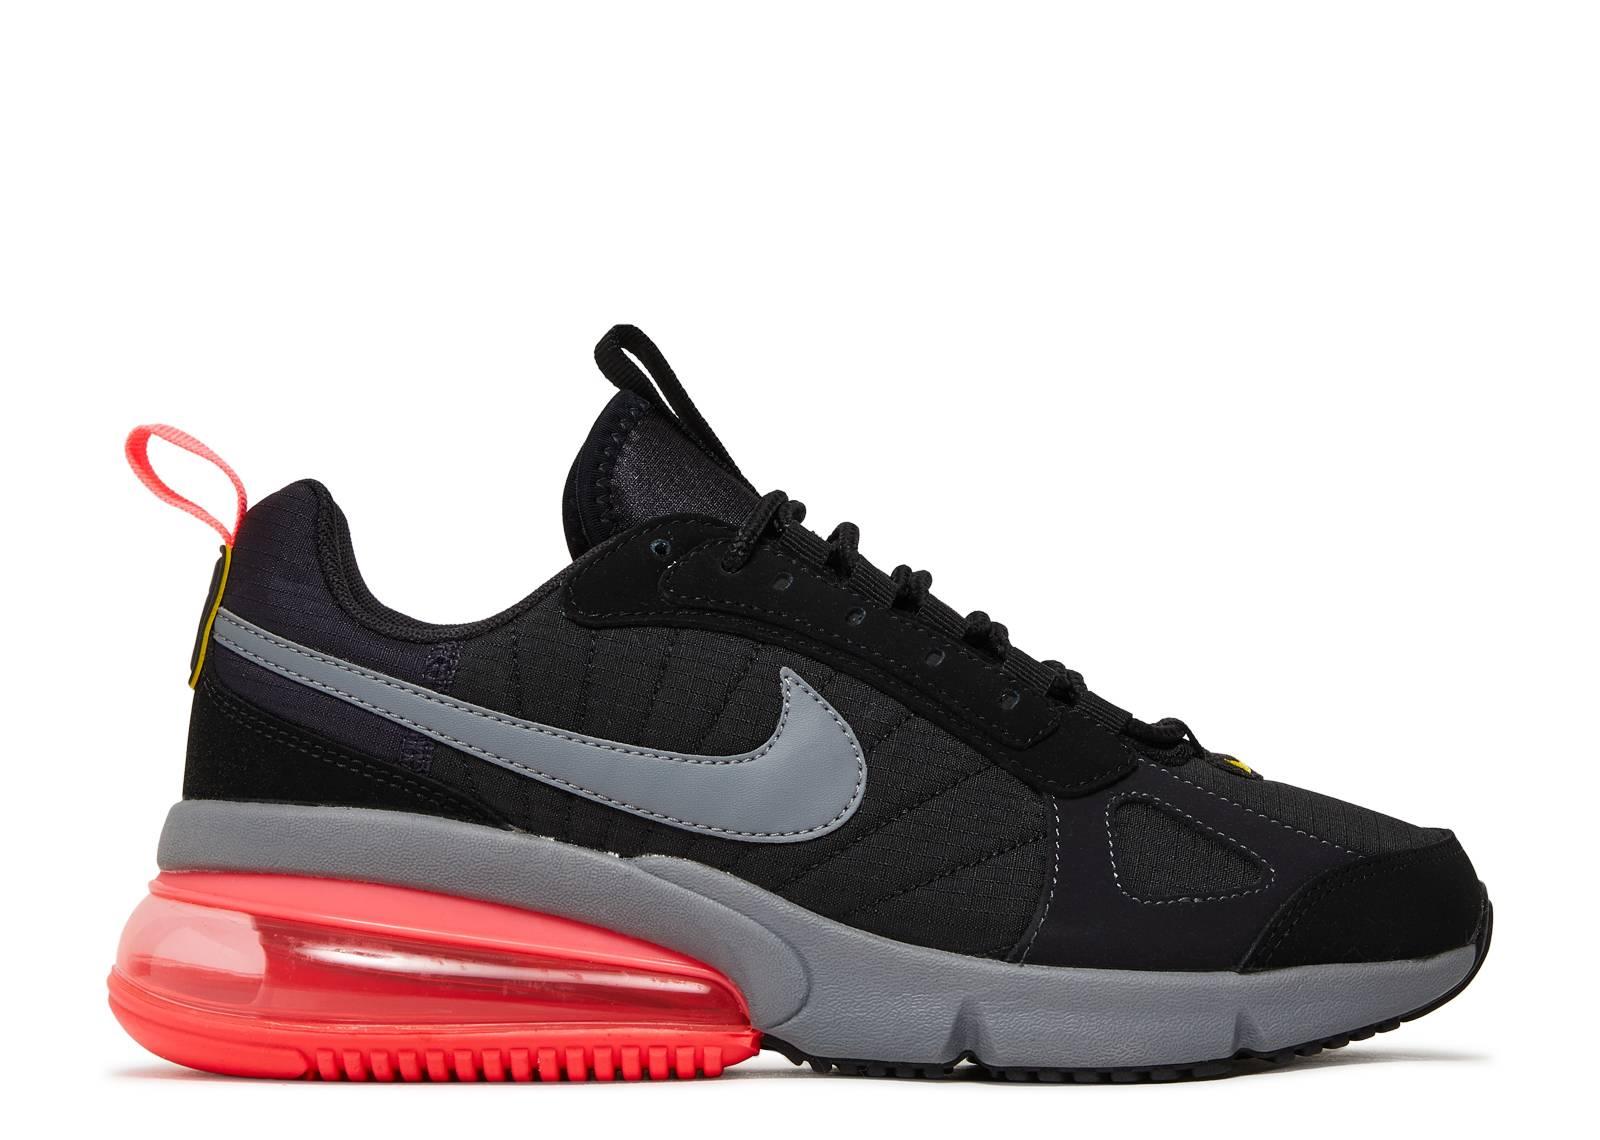 on sale 24449 1807e nike. Nike Air Max 270 Futura